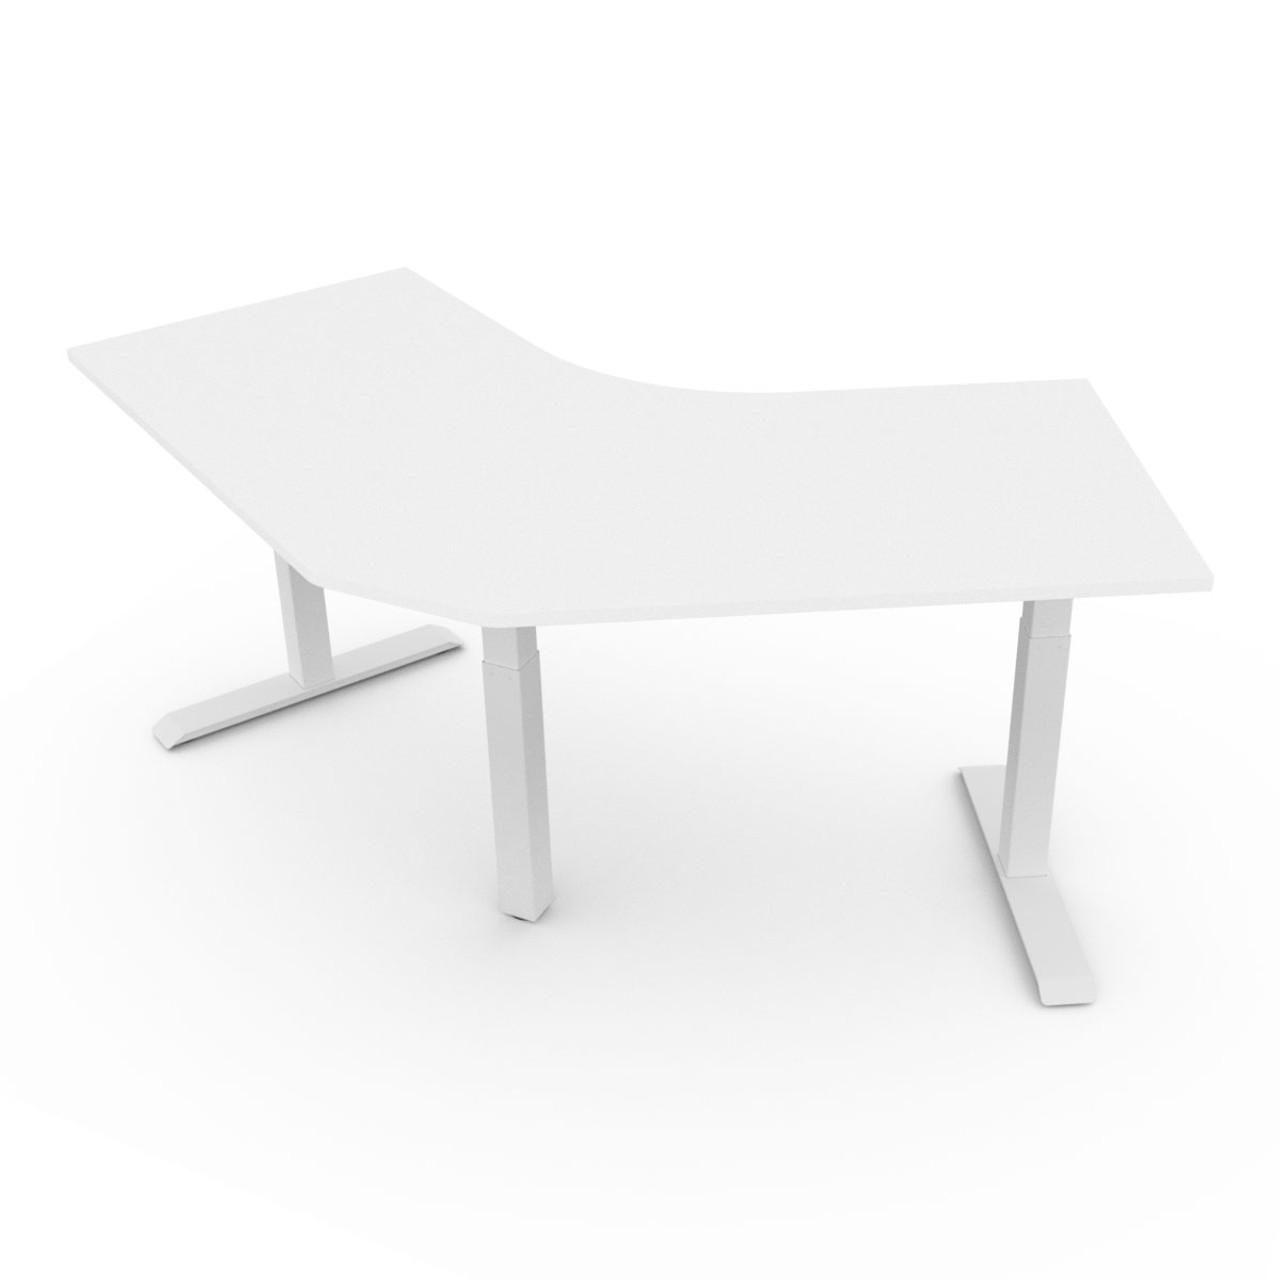 EFurnit Alpine V Shaped Standing Desk